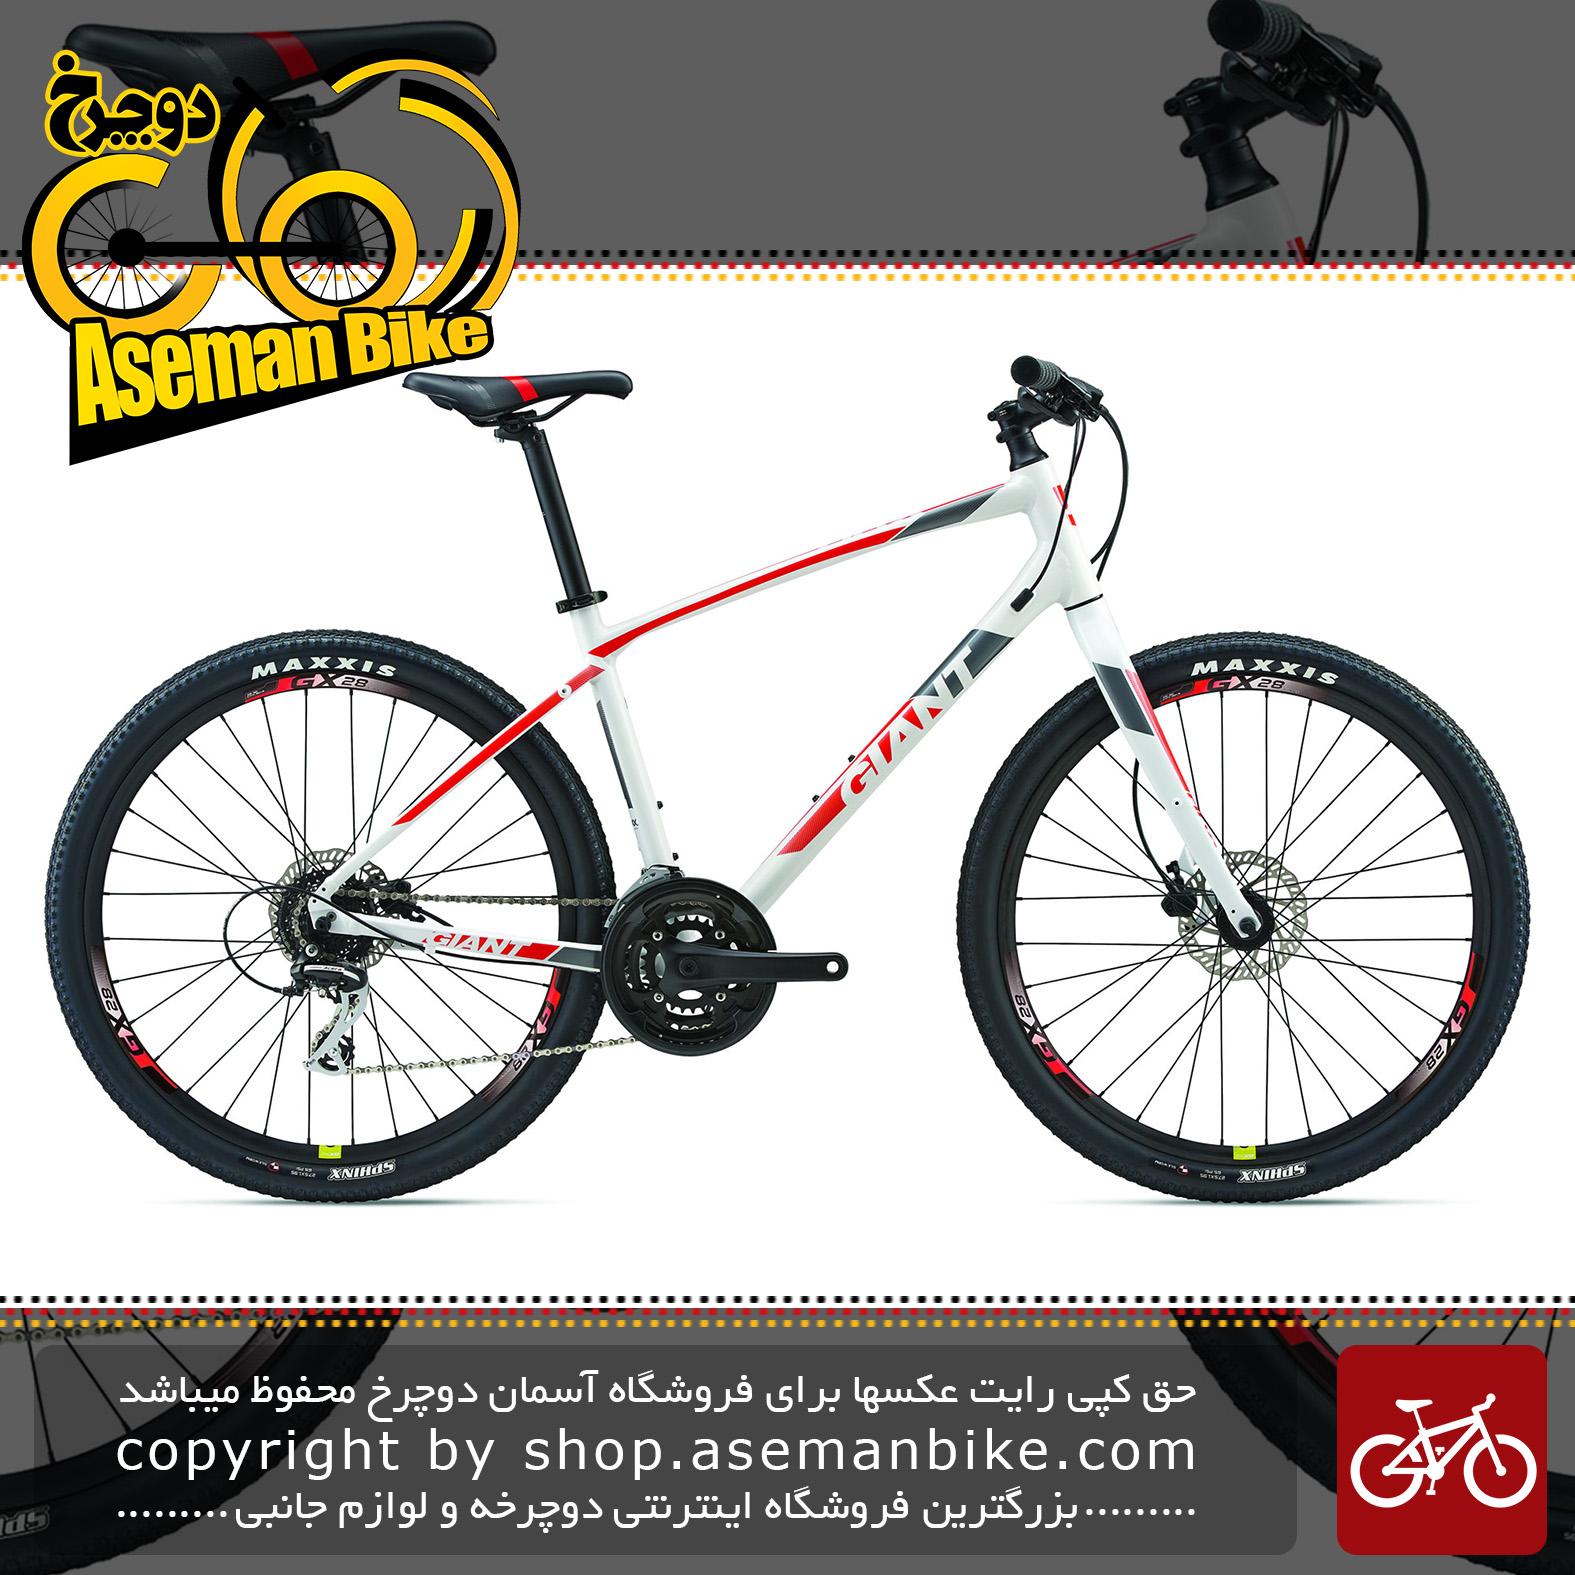 دوچرخه جاینت کوهستان شهری ای آر ایکس 2 2018 Giant Bicycle Recreation ARX 2 2018